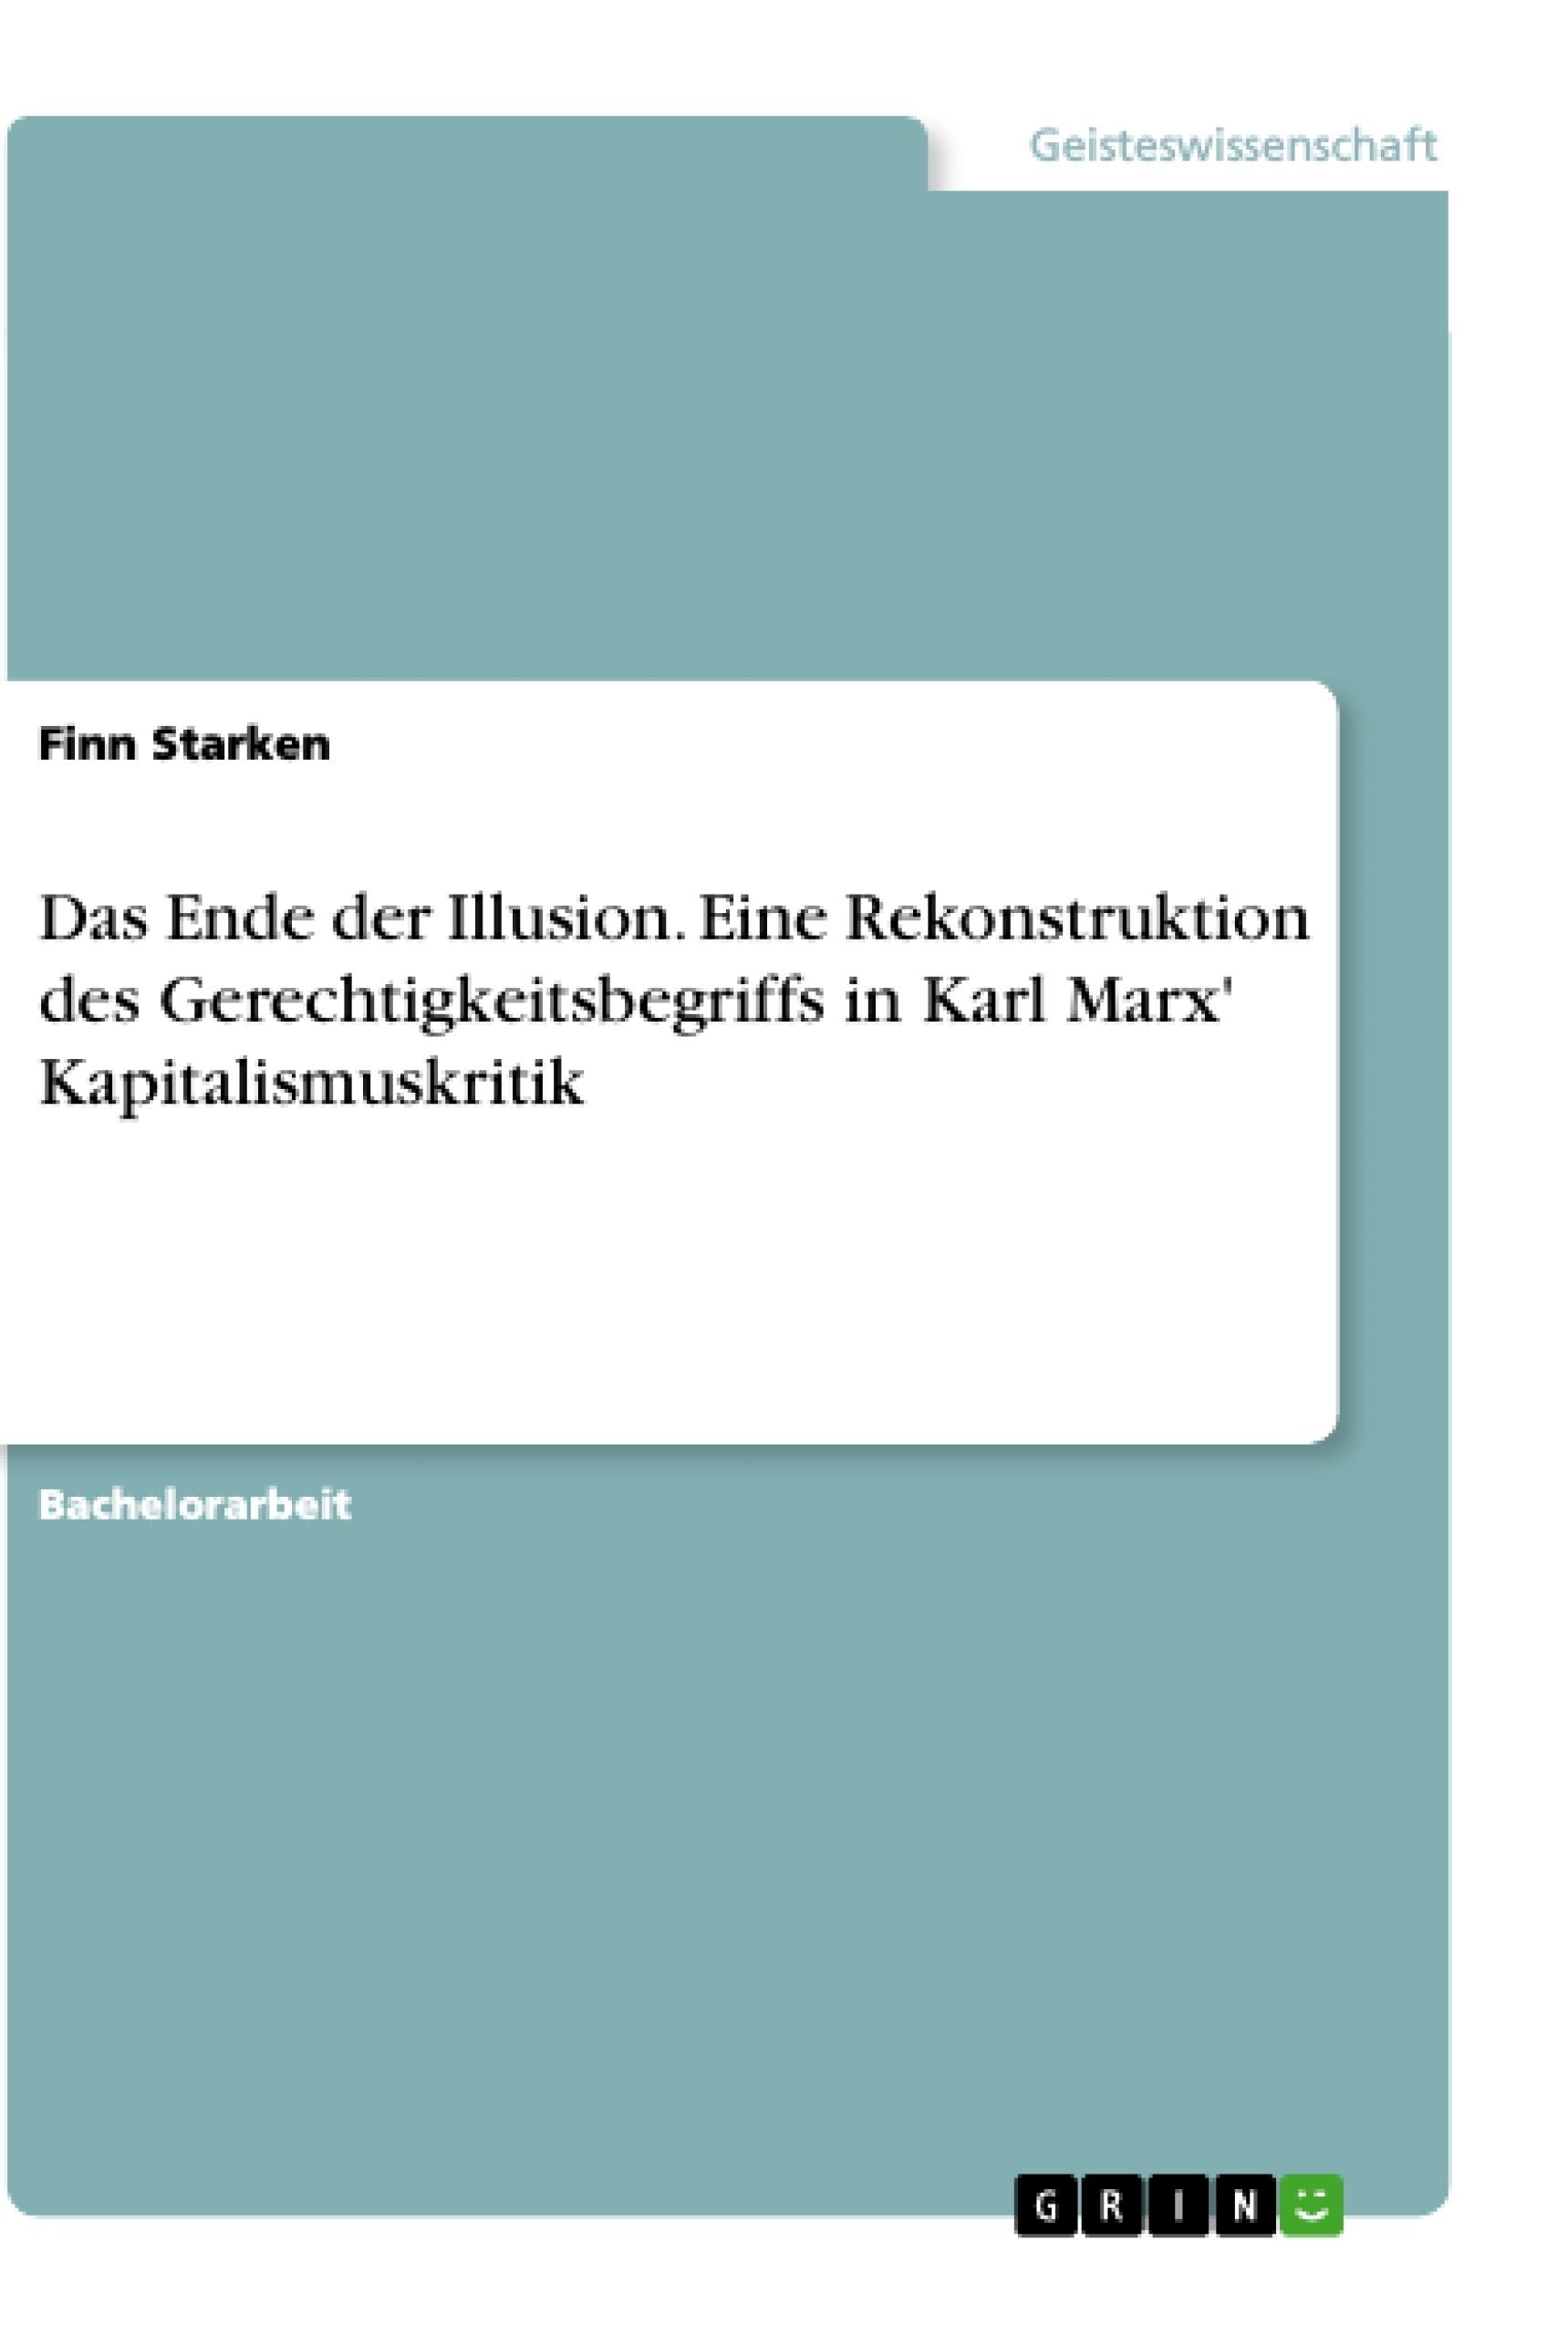 Titel: Das Ende der Illusion. Eine Rekonstruktion des Gerechtigkeitsbegriffs in Karl Marx' Kapitalismuskritik